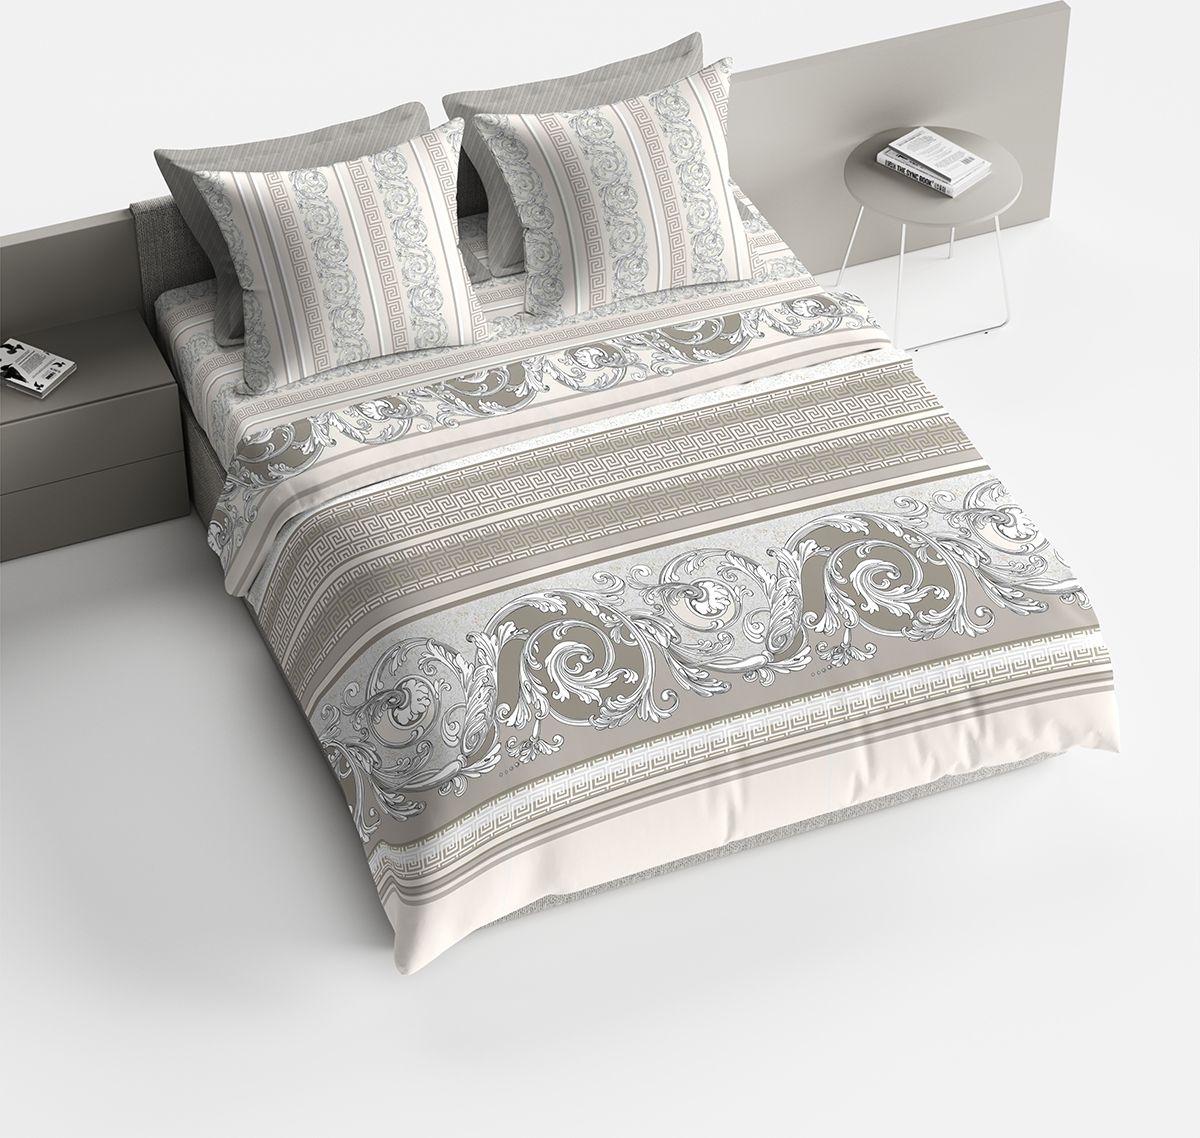 Комплект белья Браво Барокко, cемейный, наволочки 70x70, цвет: серый10503Комплекты постельного белья из ткани LUX COTTON (высококачественный поплин), сотканной из длинноволокнистого египетского хлопка, созданы специально для людей с оригинальным вкусом, предпочитающим современные решения в интерьере. Обновленная стильная упаковка делает этот комплект отличным подарком. • Равноплотная ткань из 100% хлопка;• Обработана по технологии мерсеризации и санфоризации;• Мягкая и нежная на ощупь;• Устойчива к трению;• Обладает высокими показателями гигроскопичности (впитывает влагу);• Выдерживает частые стирки, сохраняя первоначальные цвет, форму и размеры;• Безопасные красители ведущего немецкого производителя BEZEMA